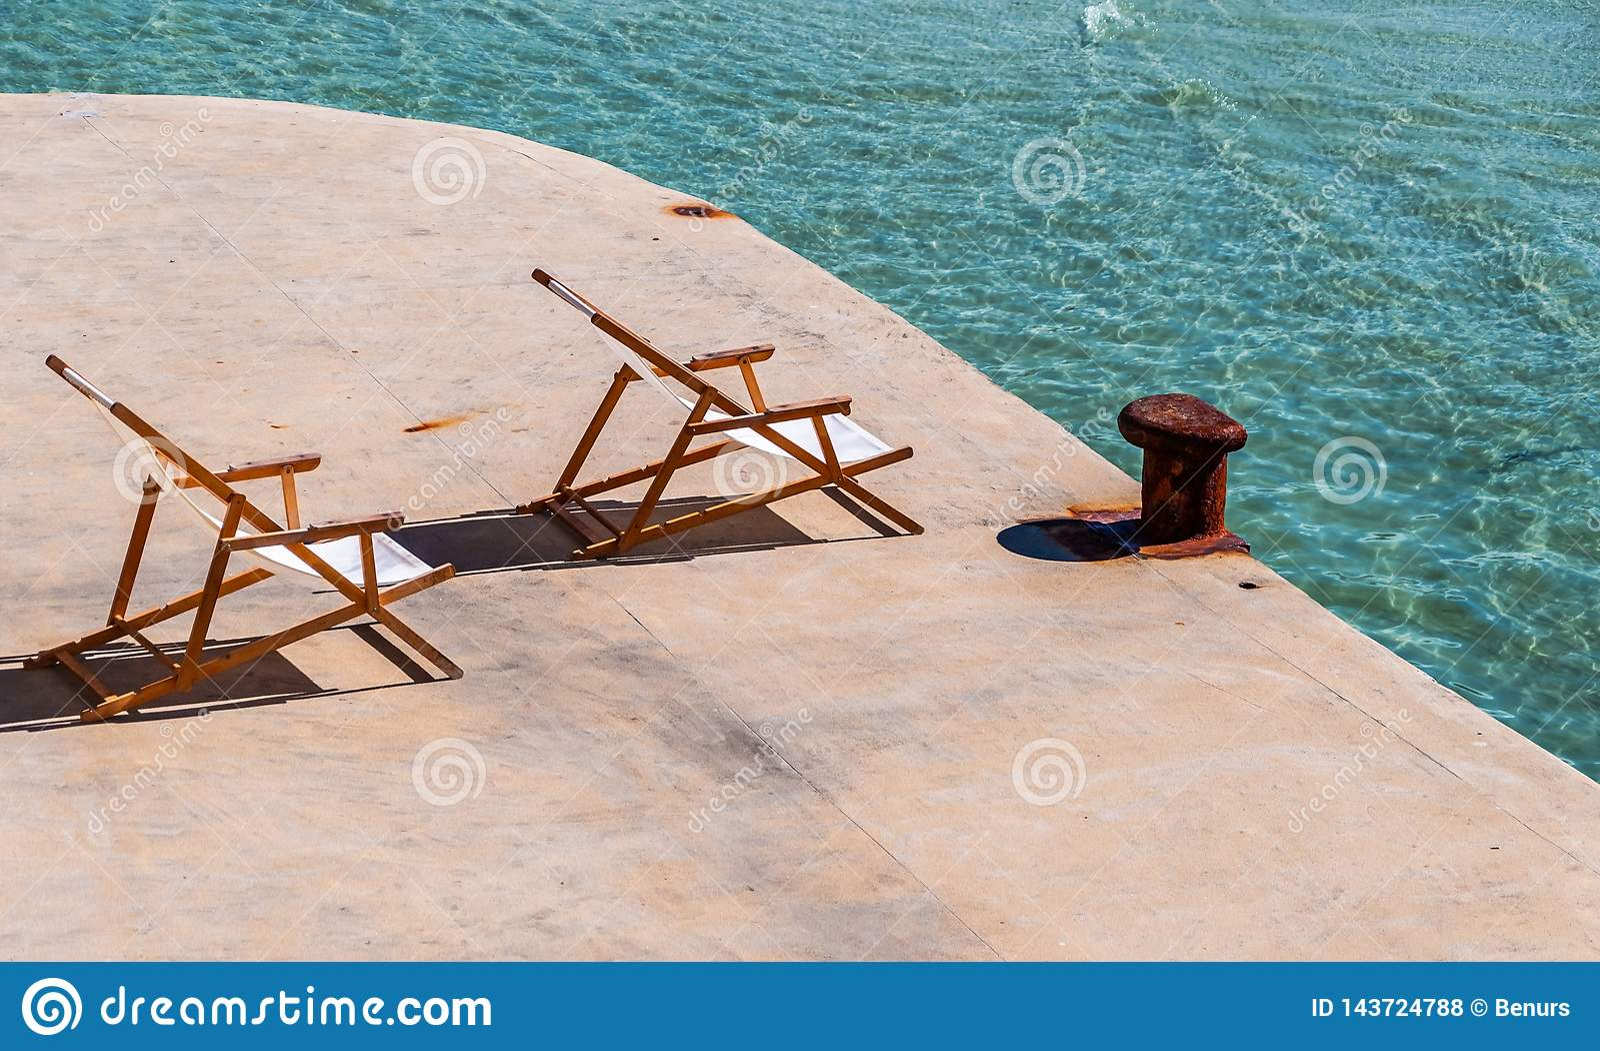 Cadeiras de plataforma da praia que enfrentam o sol no mar de turquesa e no poste de amarração oxidado